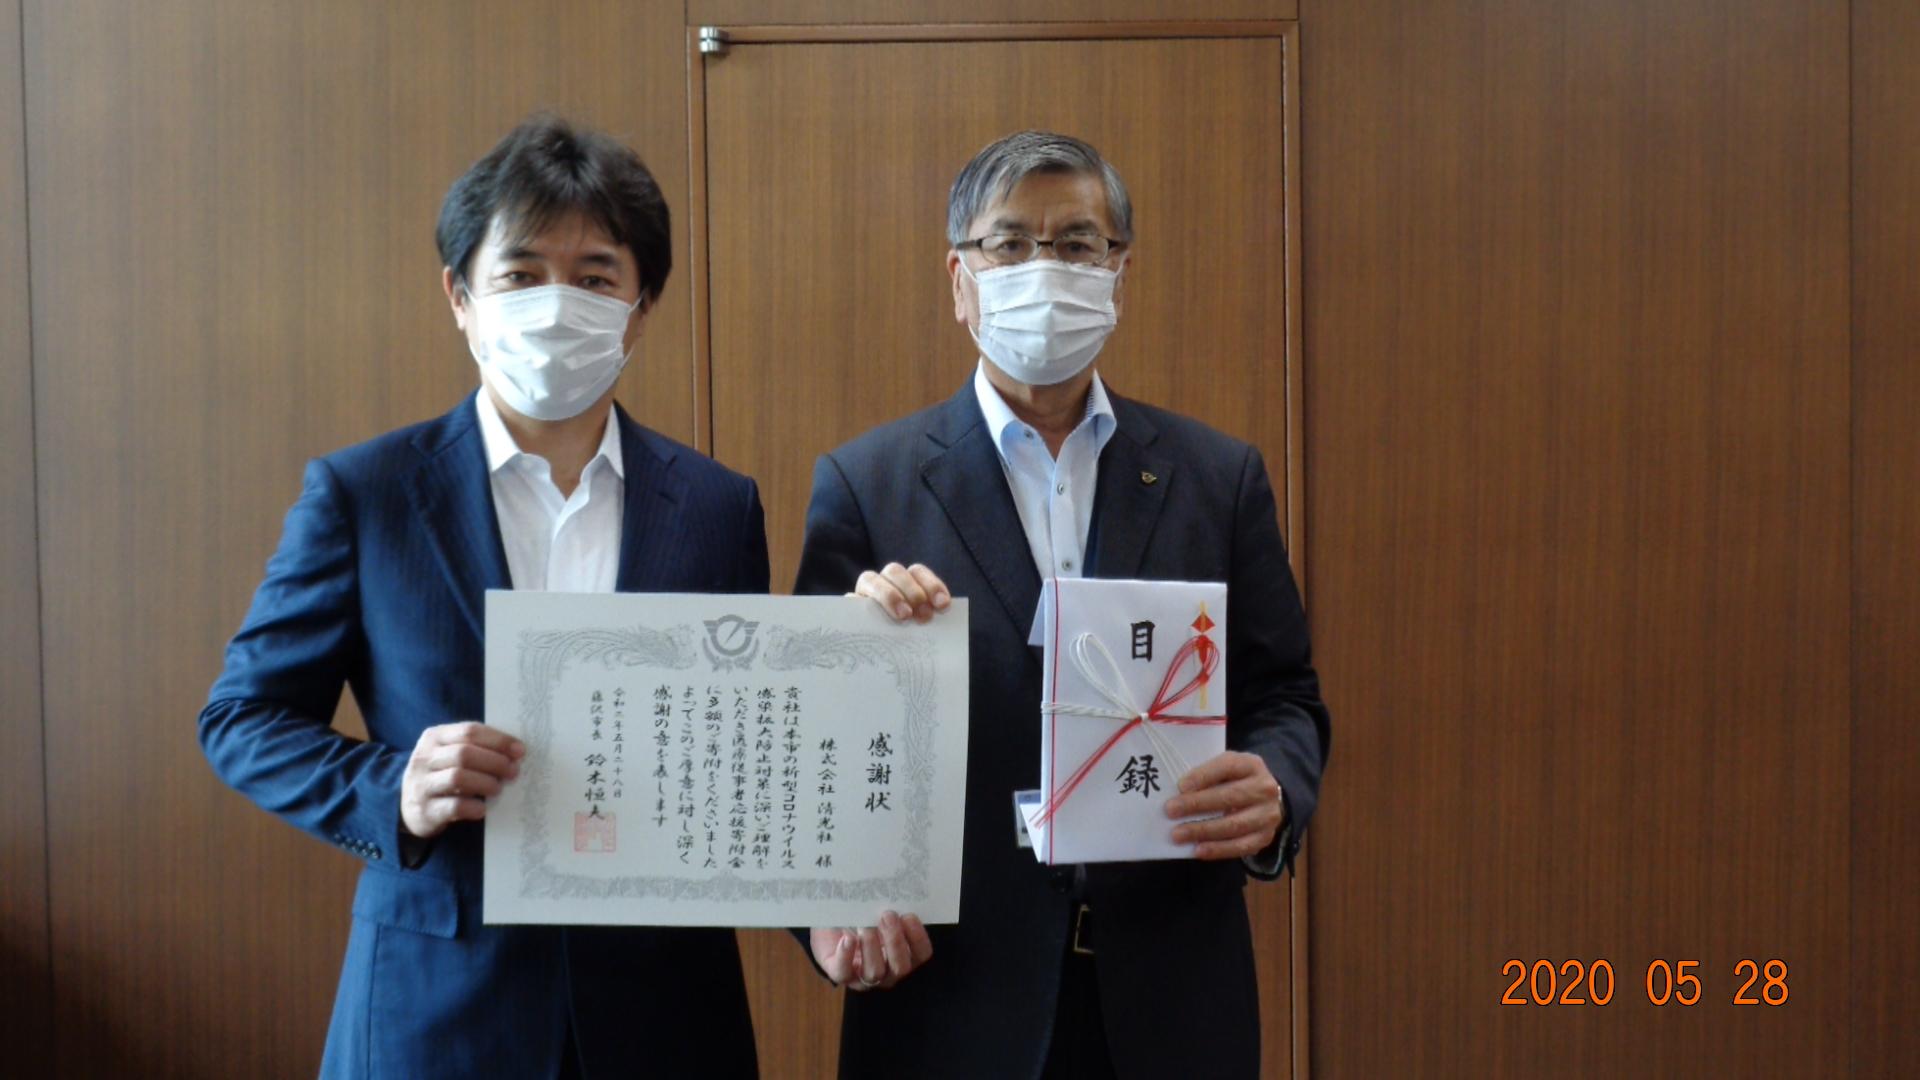 [新型コロナ感染症対策]藤沢市より感謝状をいただきました